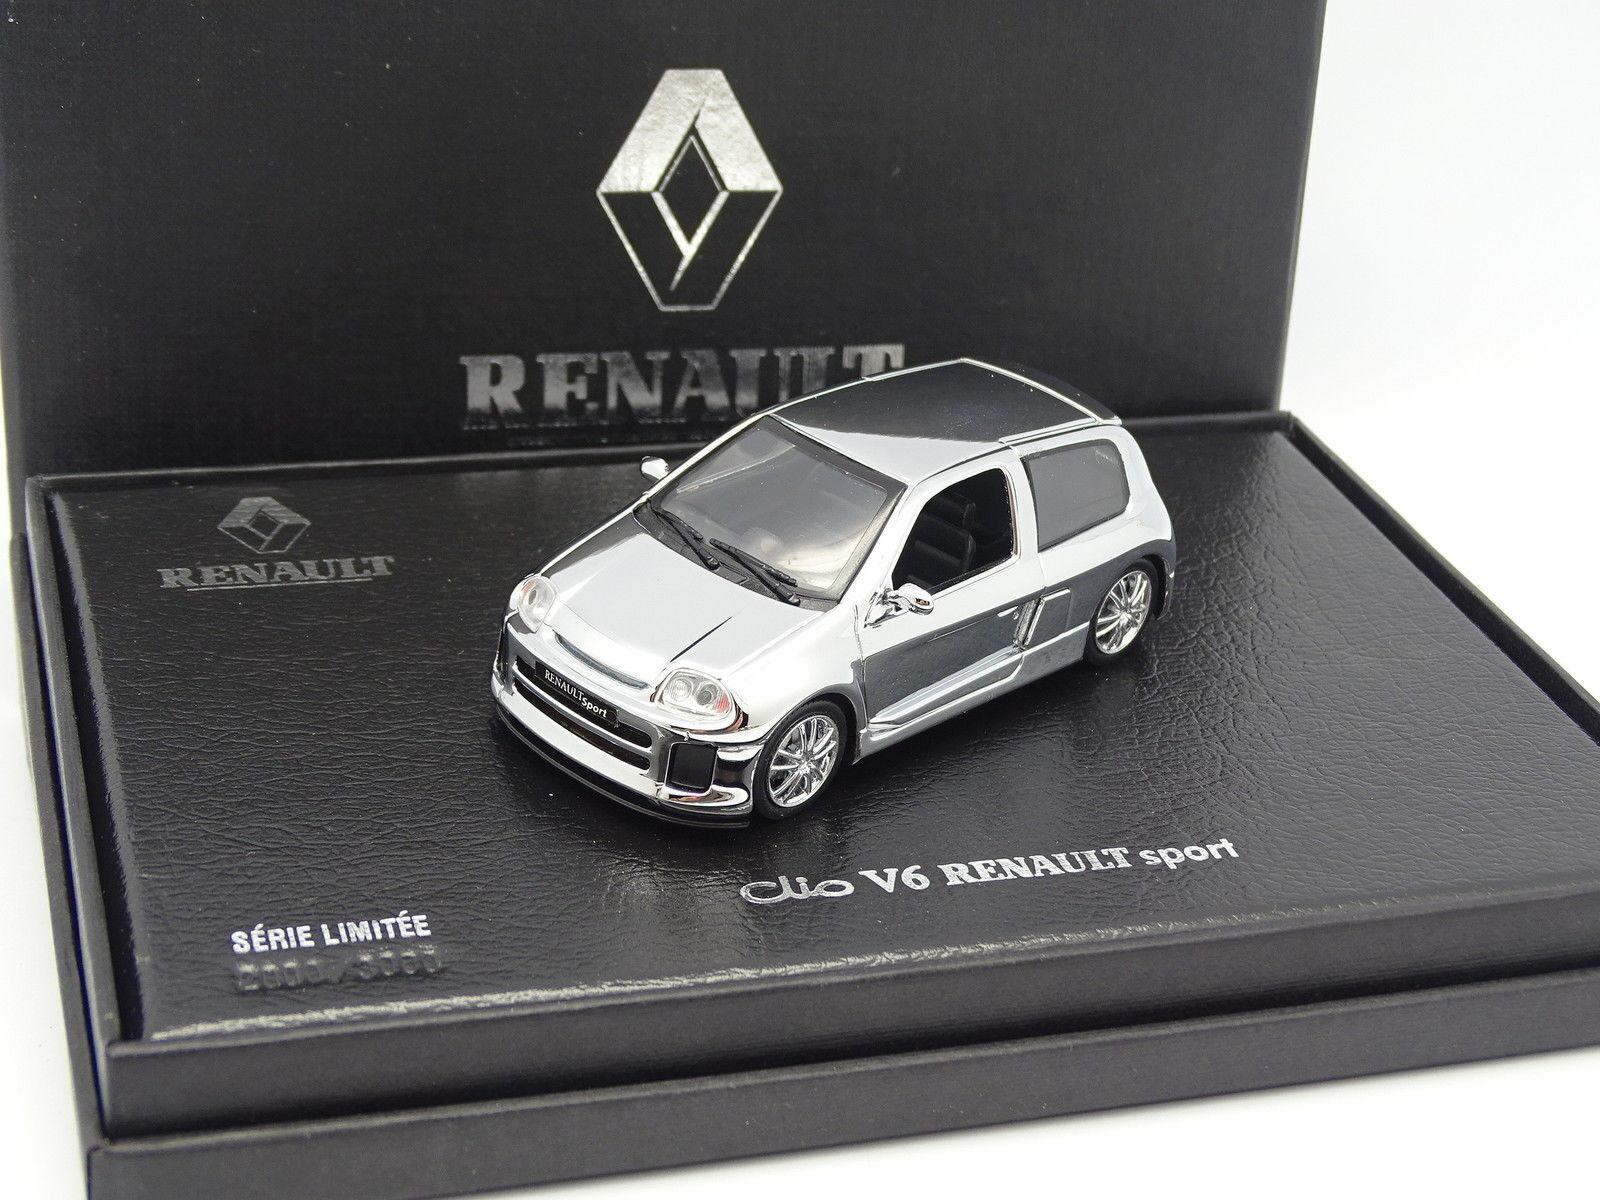 UH 1 43 - Renault Clio V6 Renault Sport Chrome